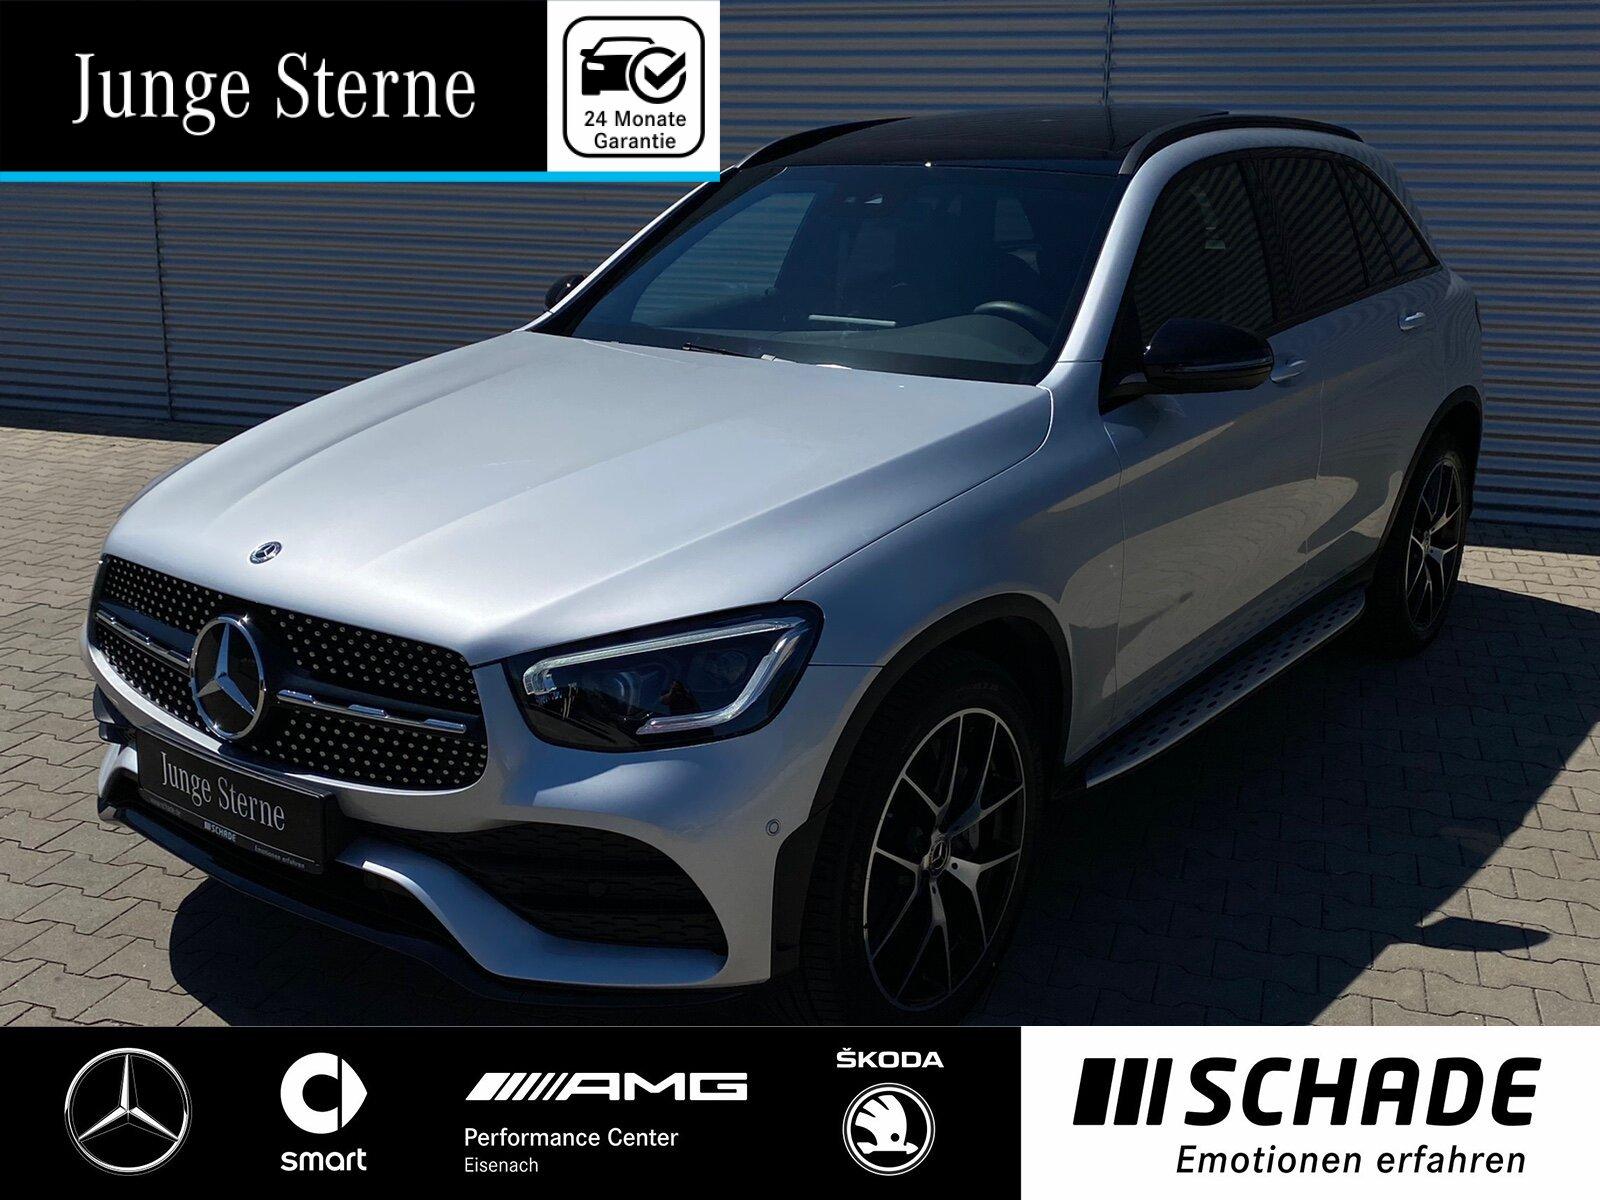 Mercedes-Benz GLC 400 d 4M AMGLine Night*Panorama*Airmatic*AHK, Jahr 2020, Diesel